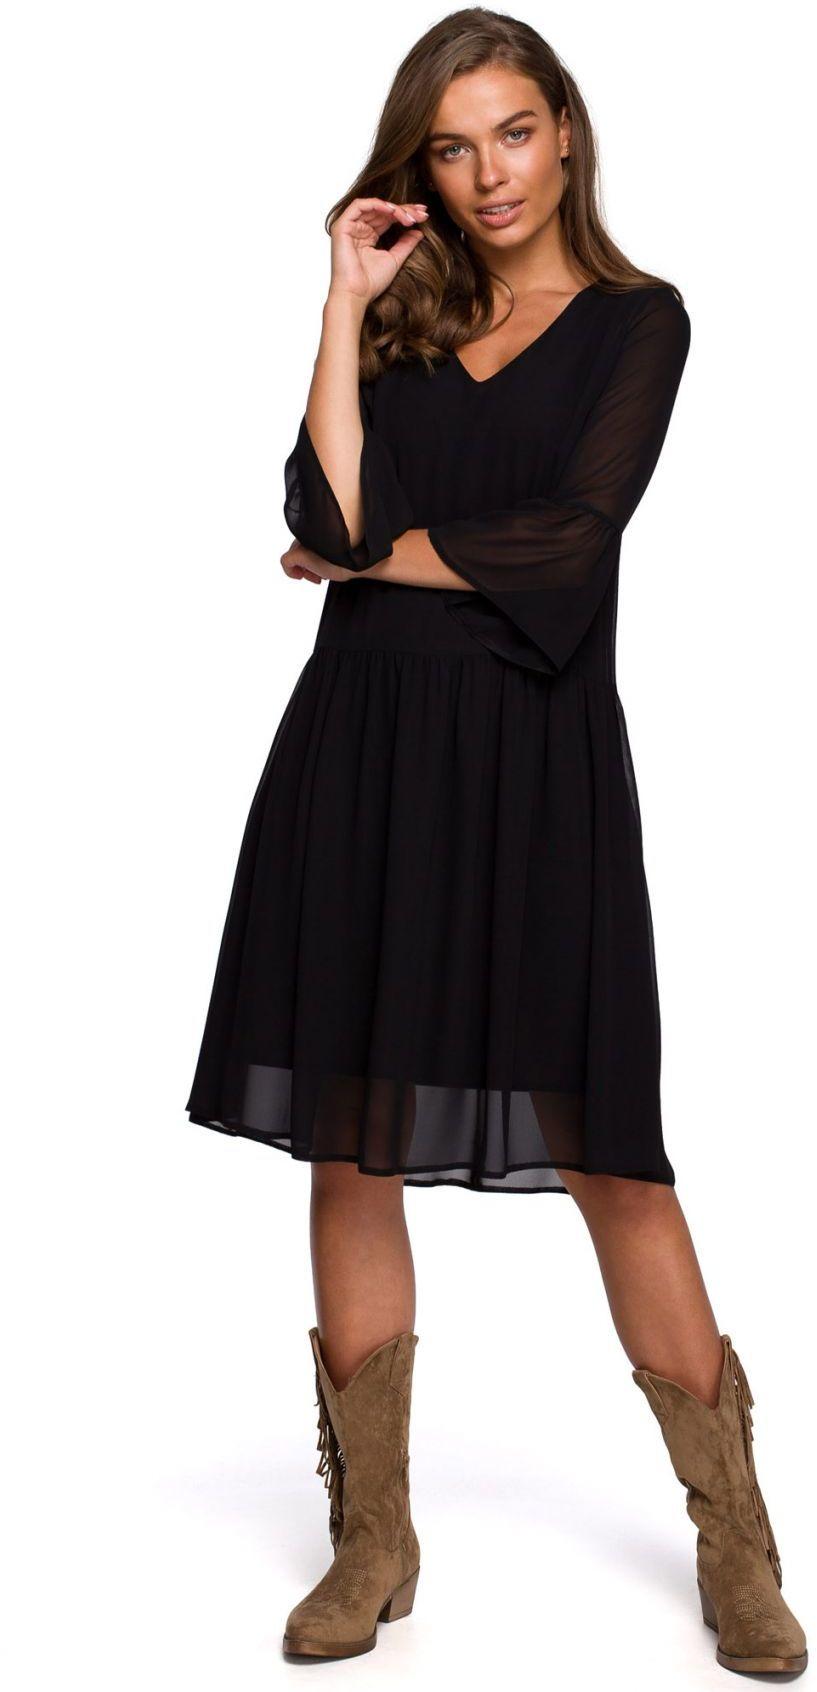 S236 Sukienka szyfonowa gładka - czarna